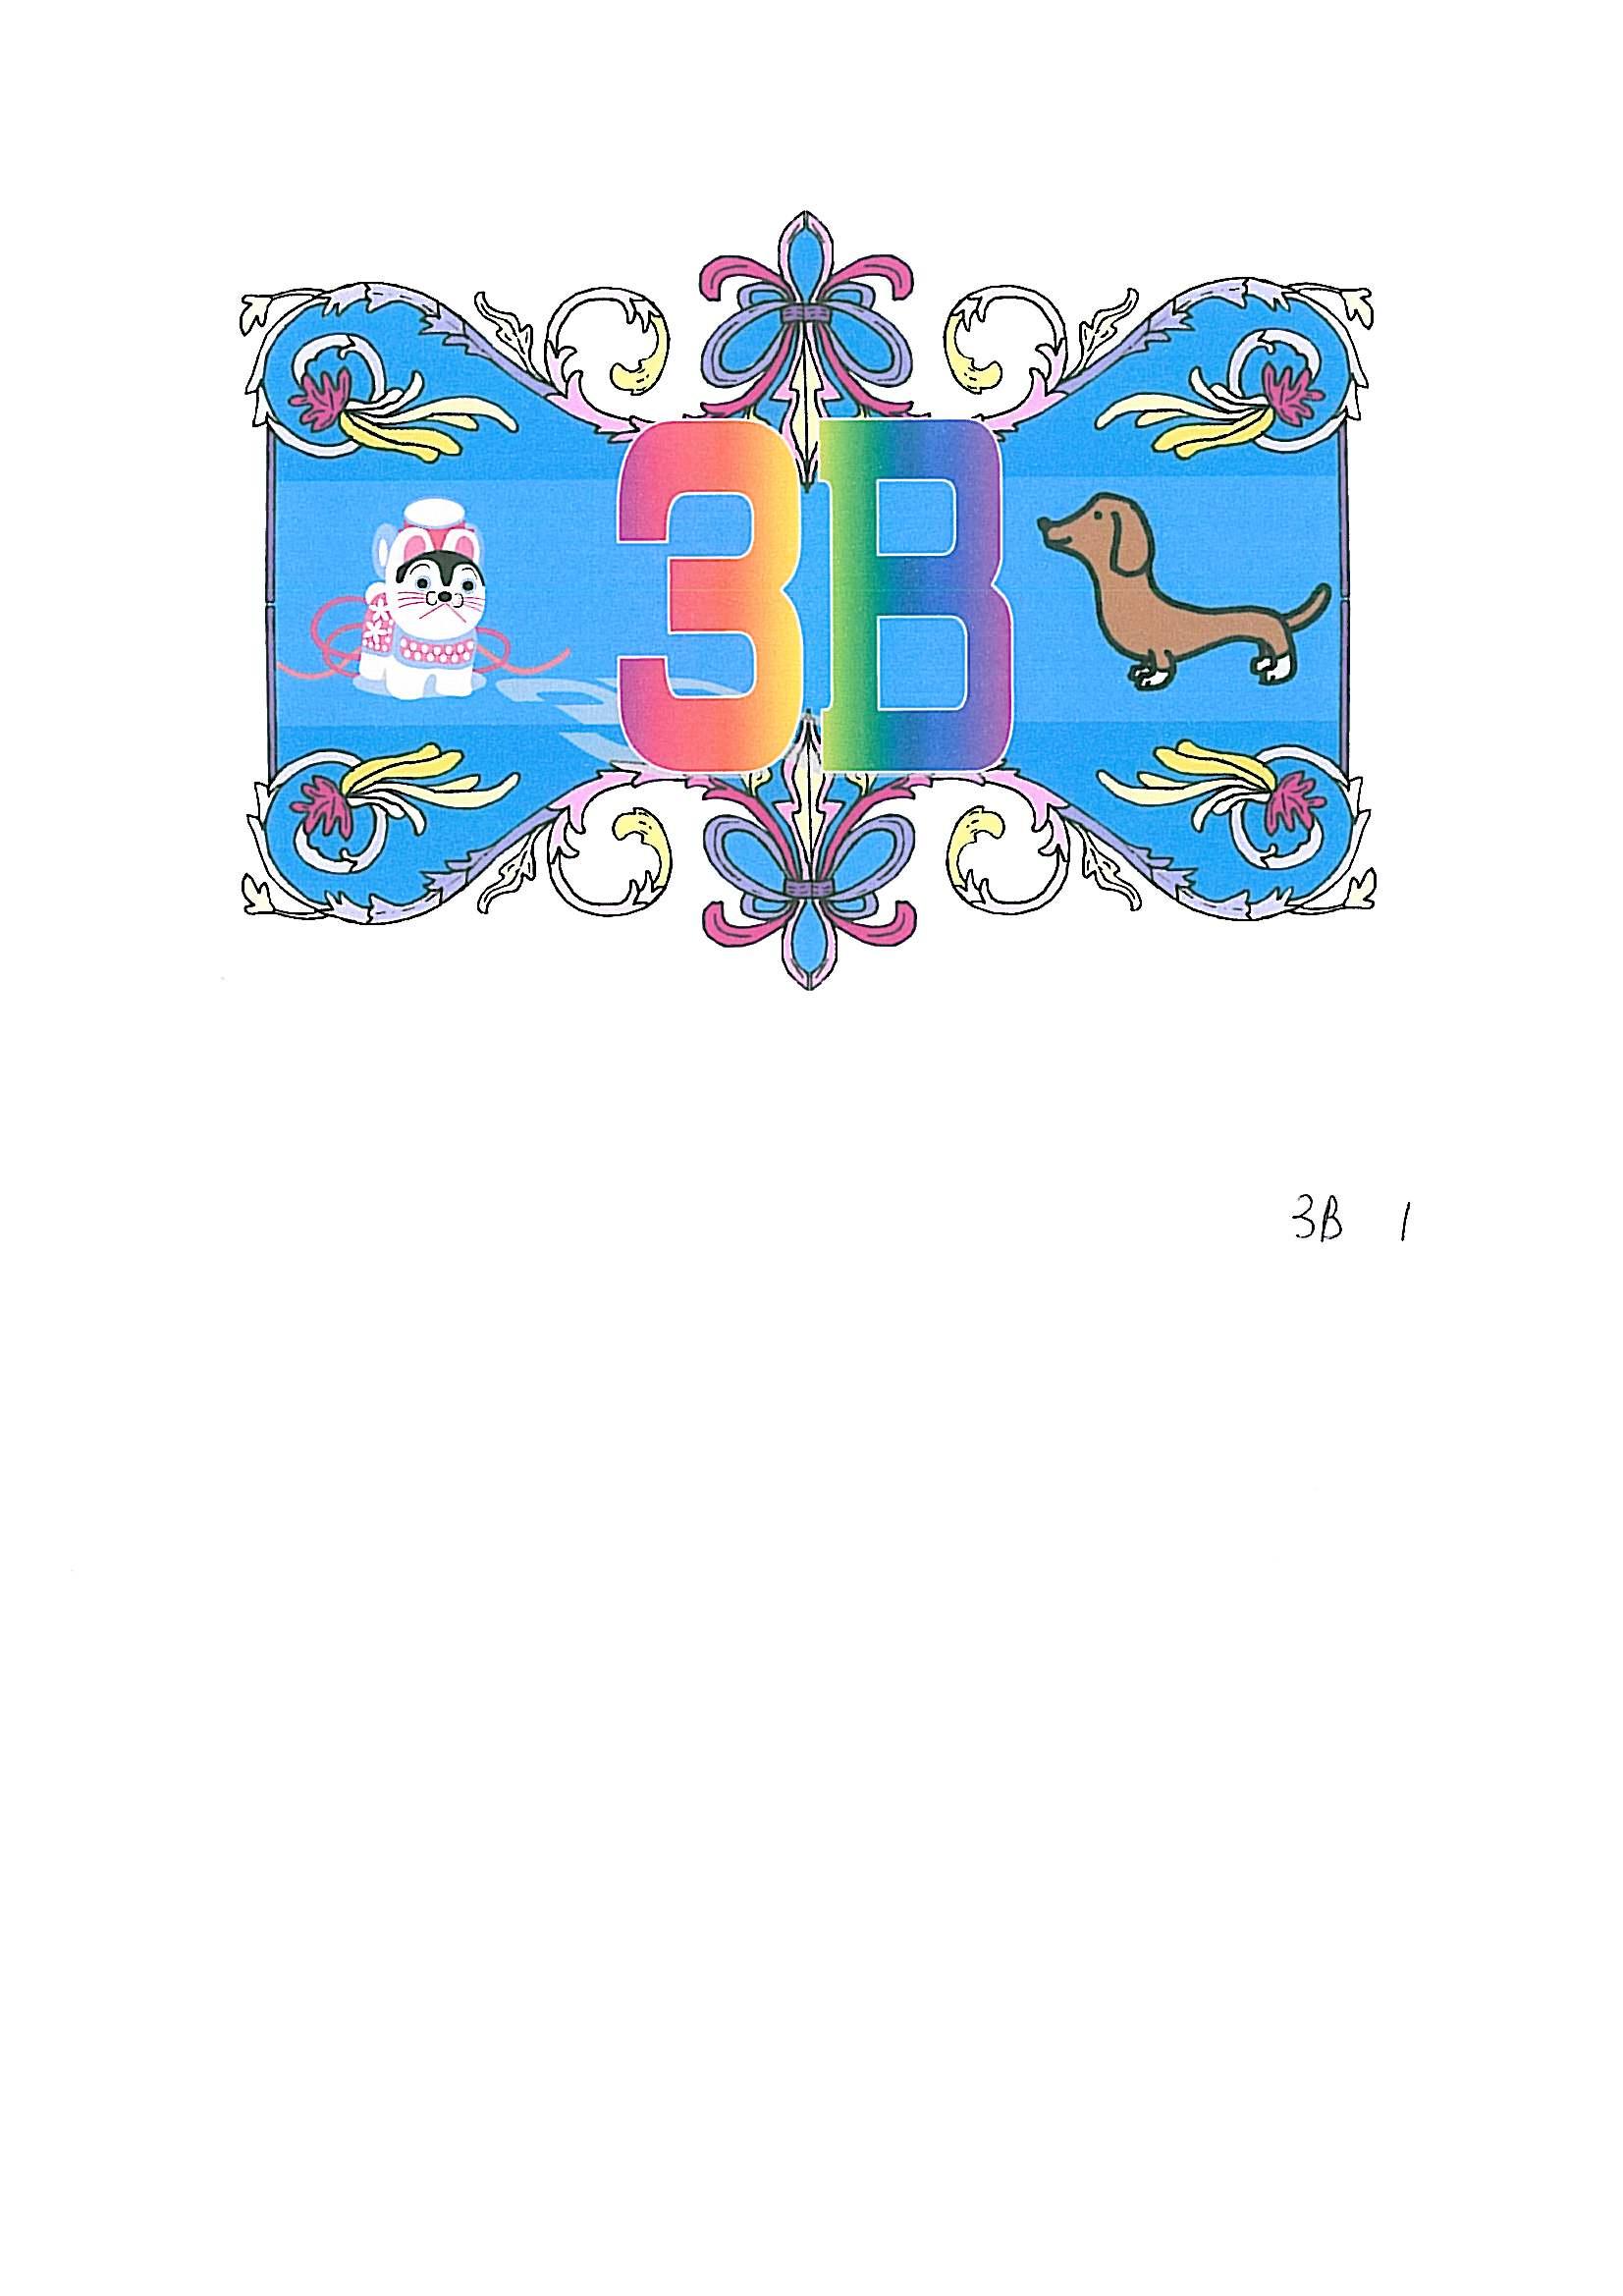 704班徽设计图展示